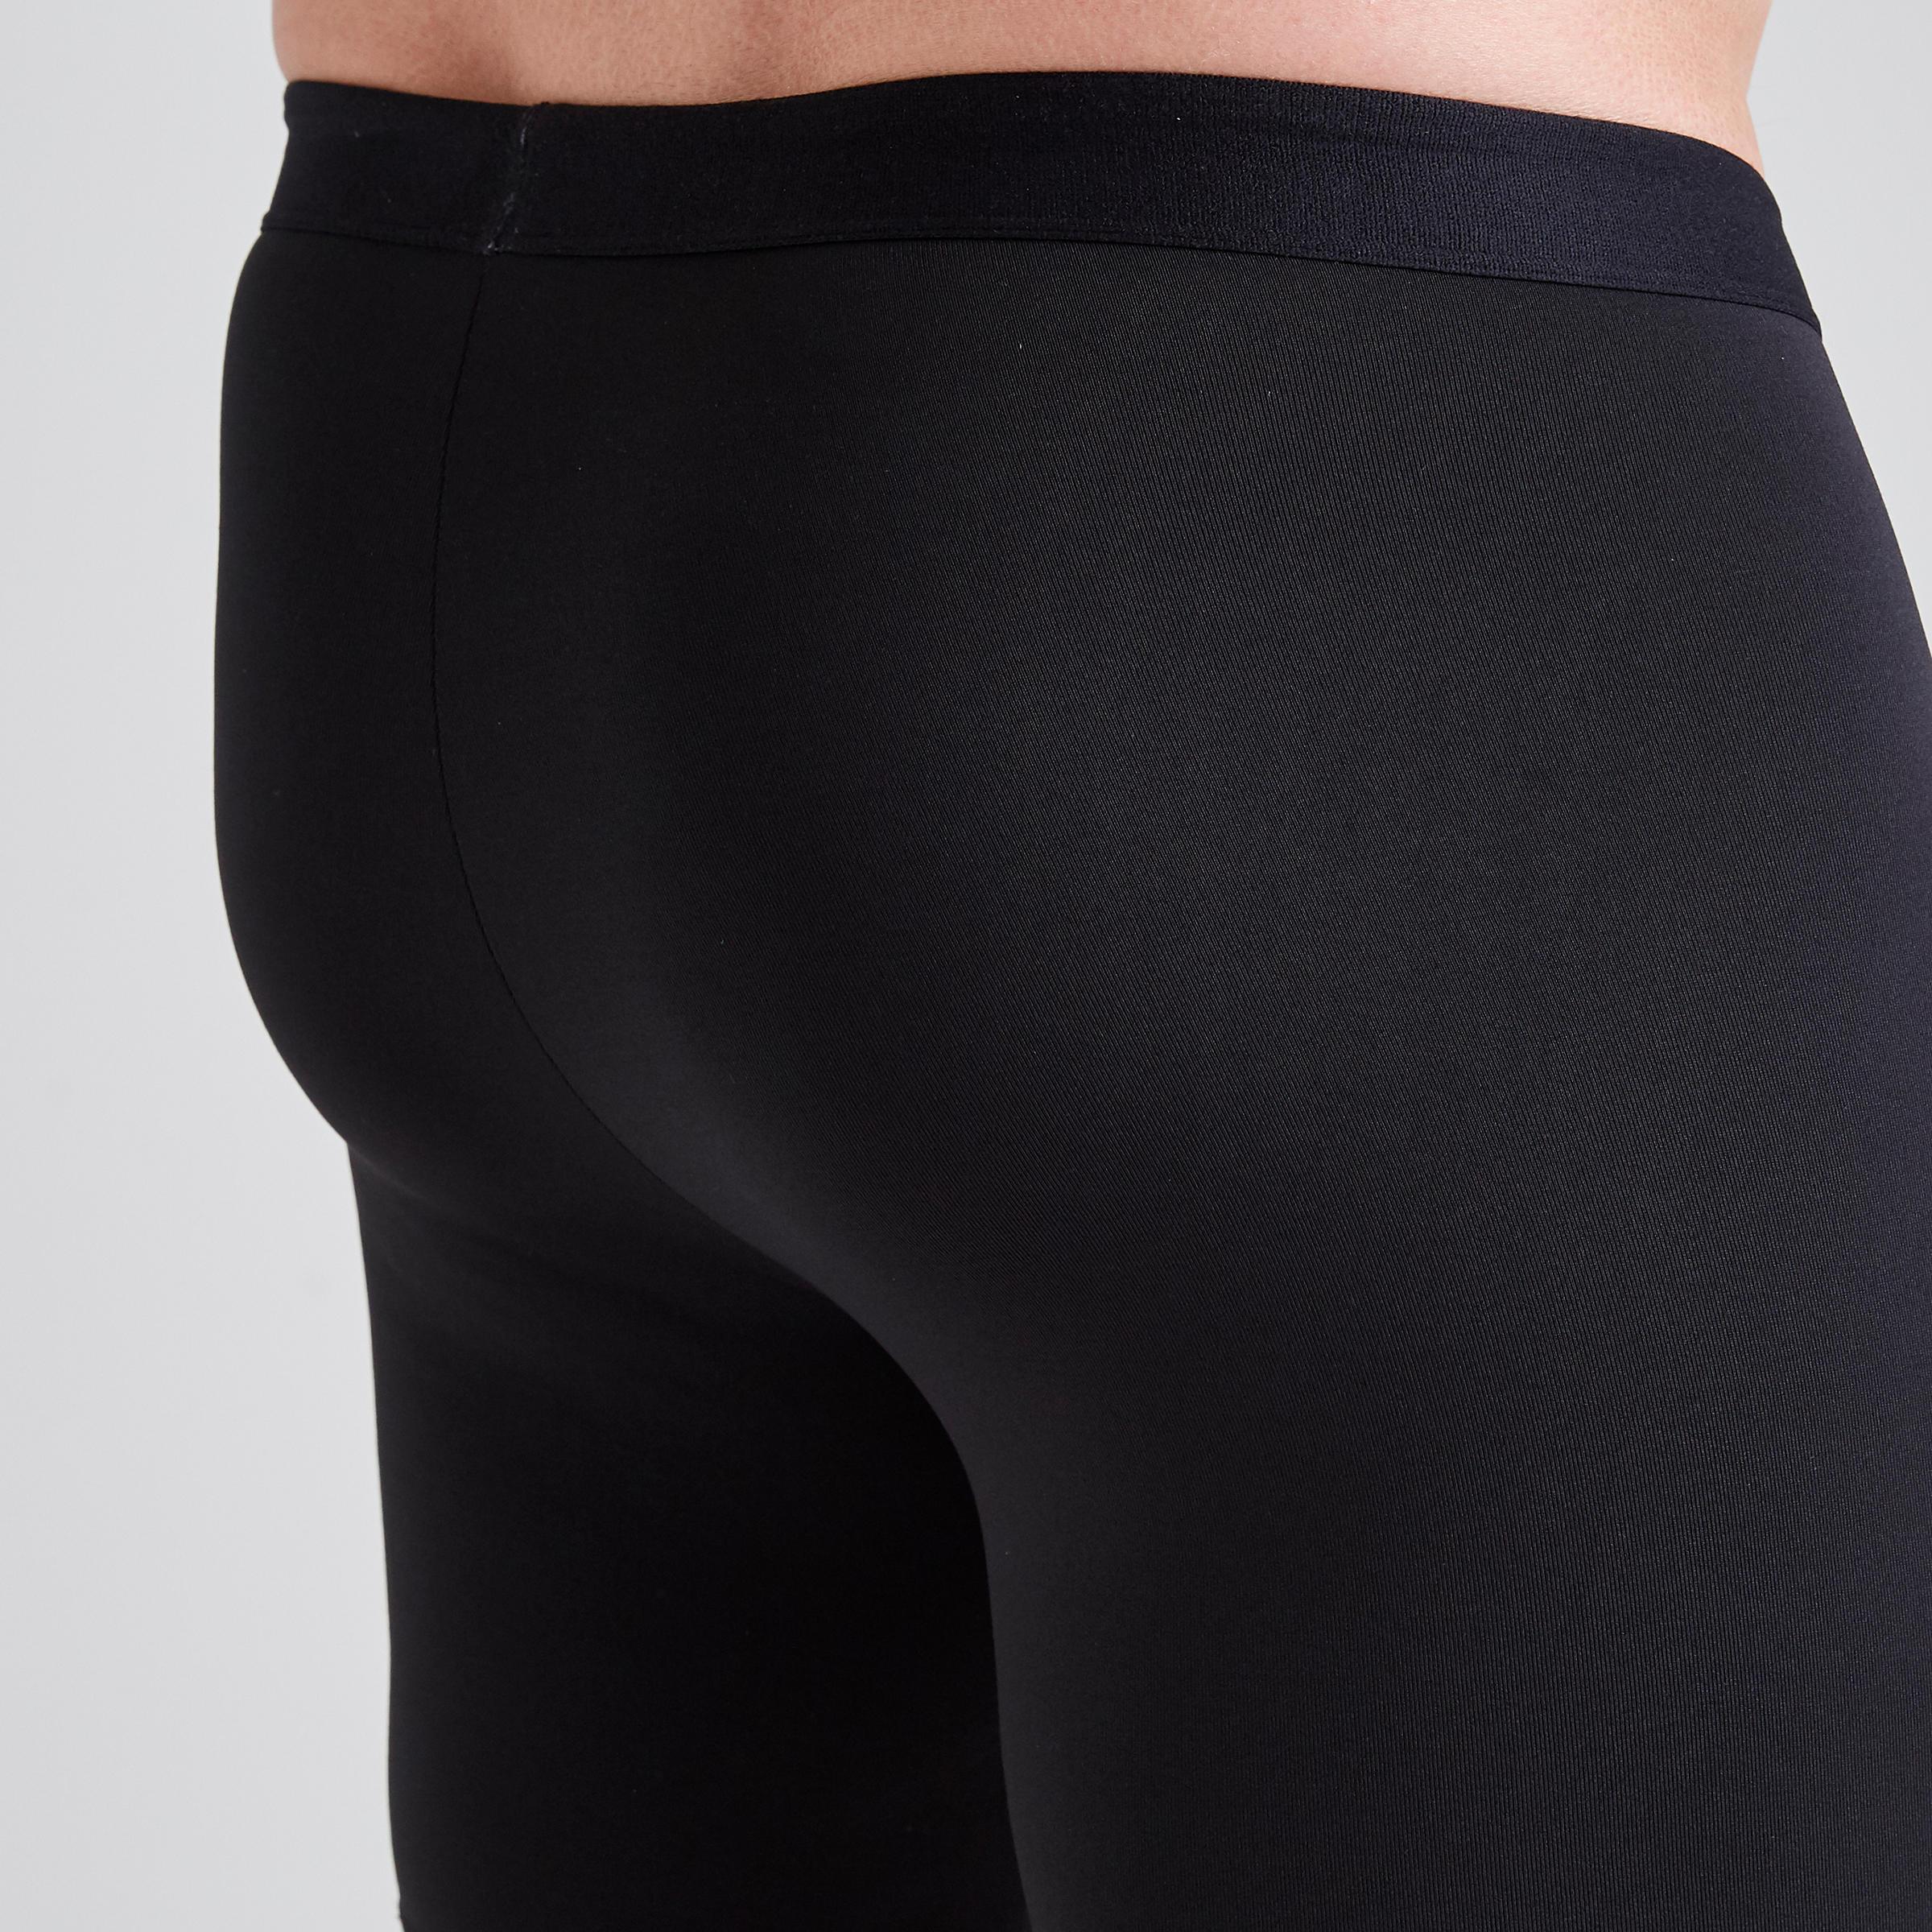 Men's undershorts Keepdry 100 - Black